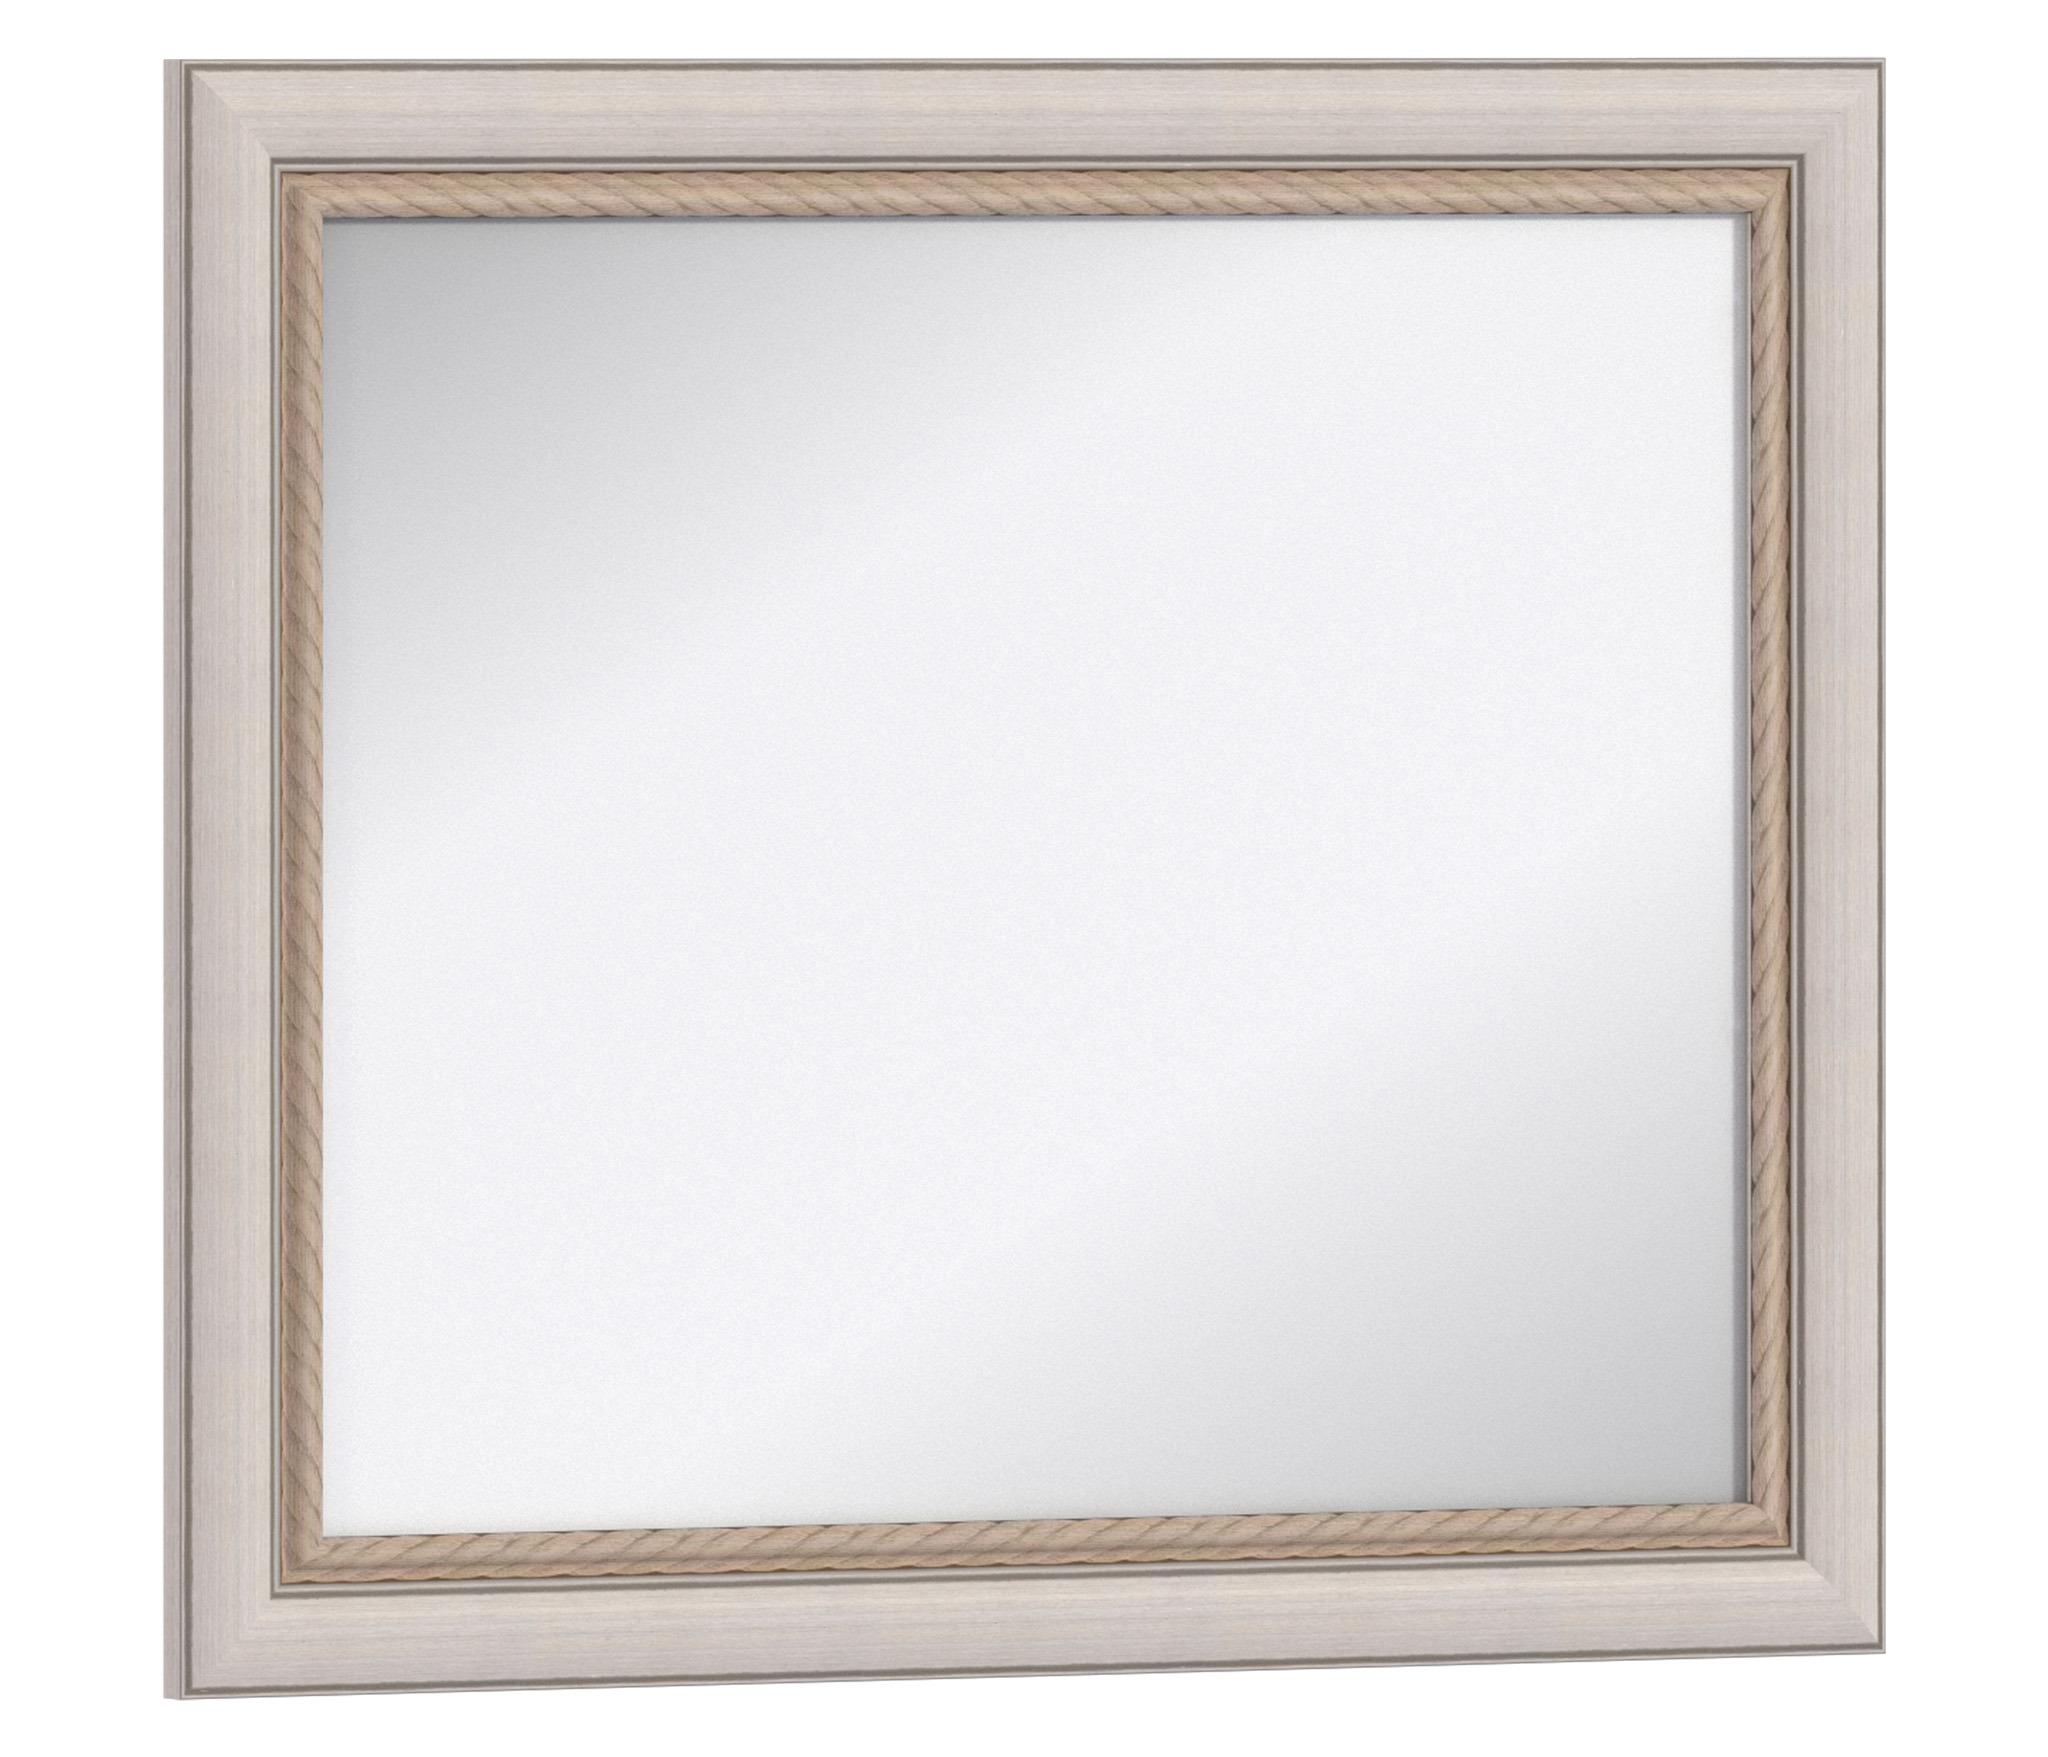 Зеркало Столплит 15265248 от Столплит